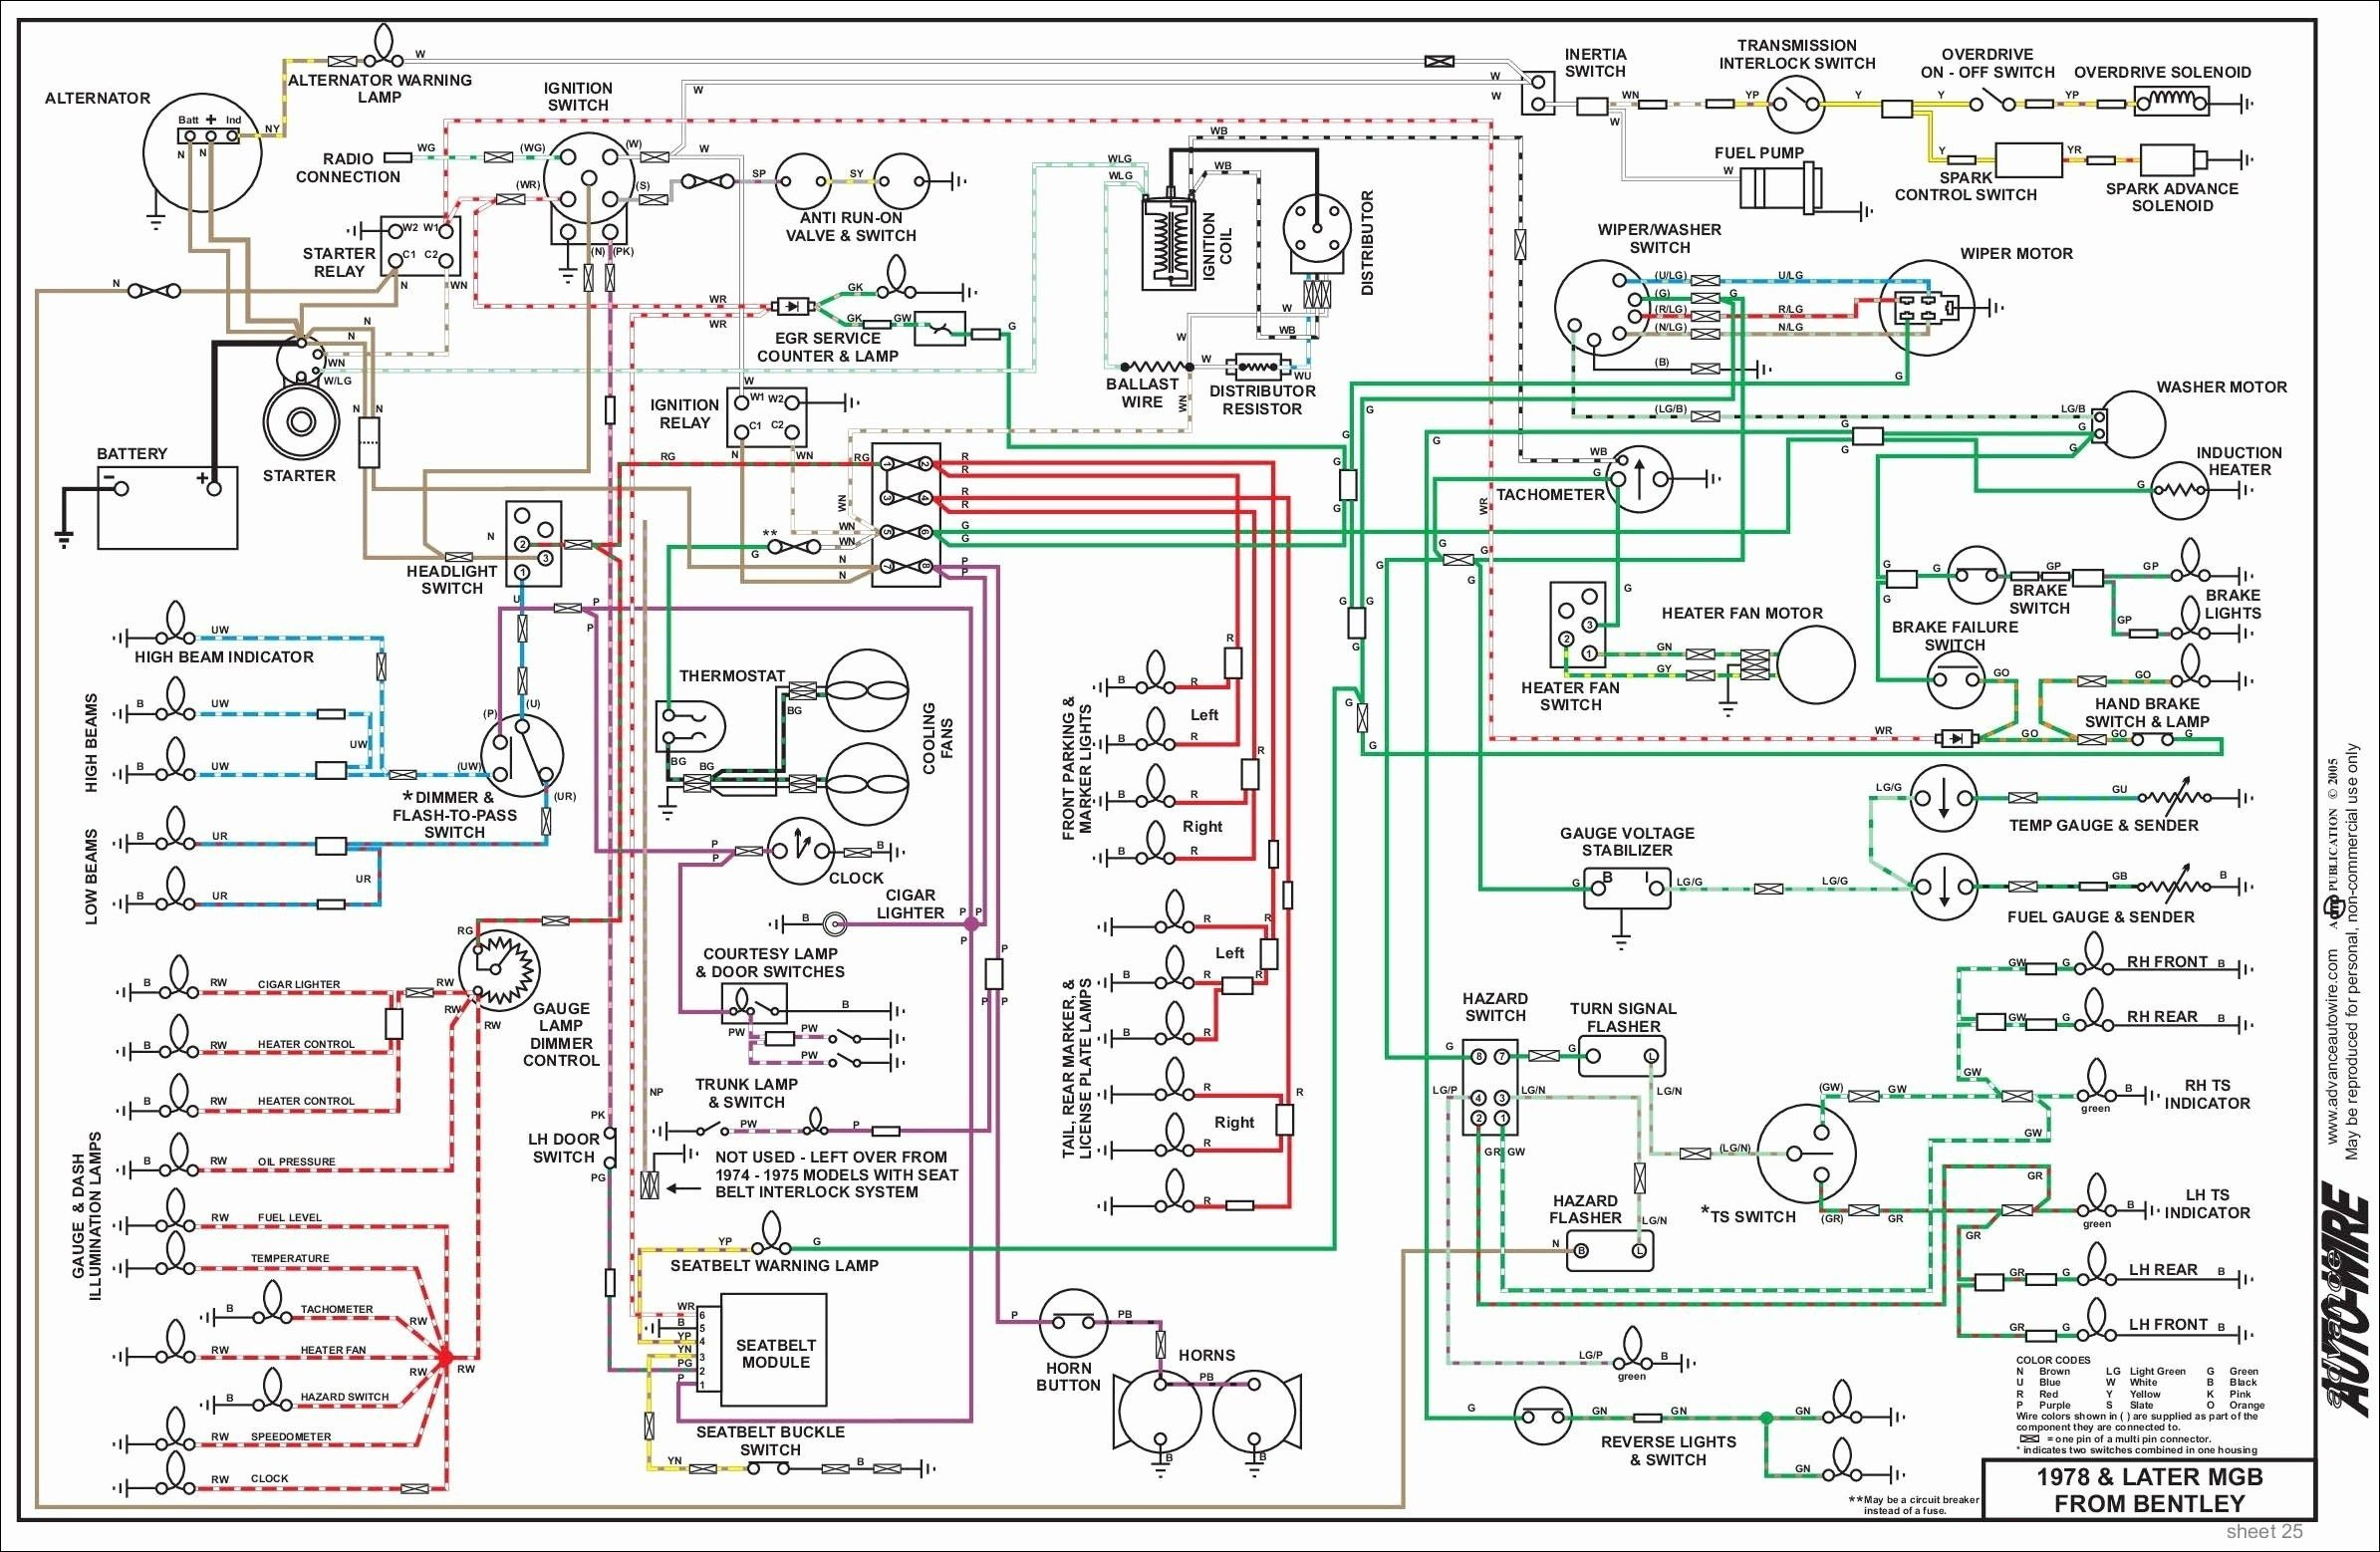 2016 Dodge Ram 1500 Wiring Schematics New Vans Aircraft Wiring Diagram Diagramsample Of 2016 Dodge Ram 1500 Wiring Schematics